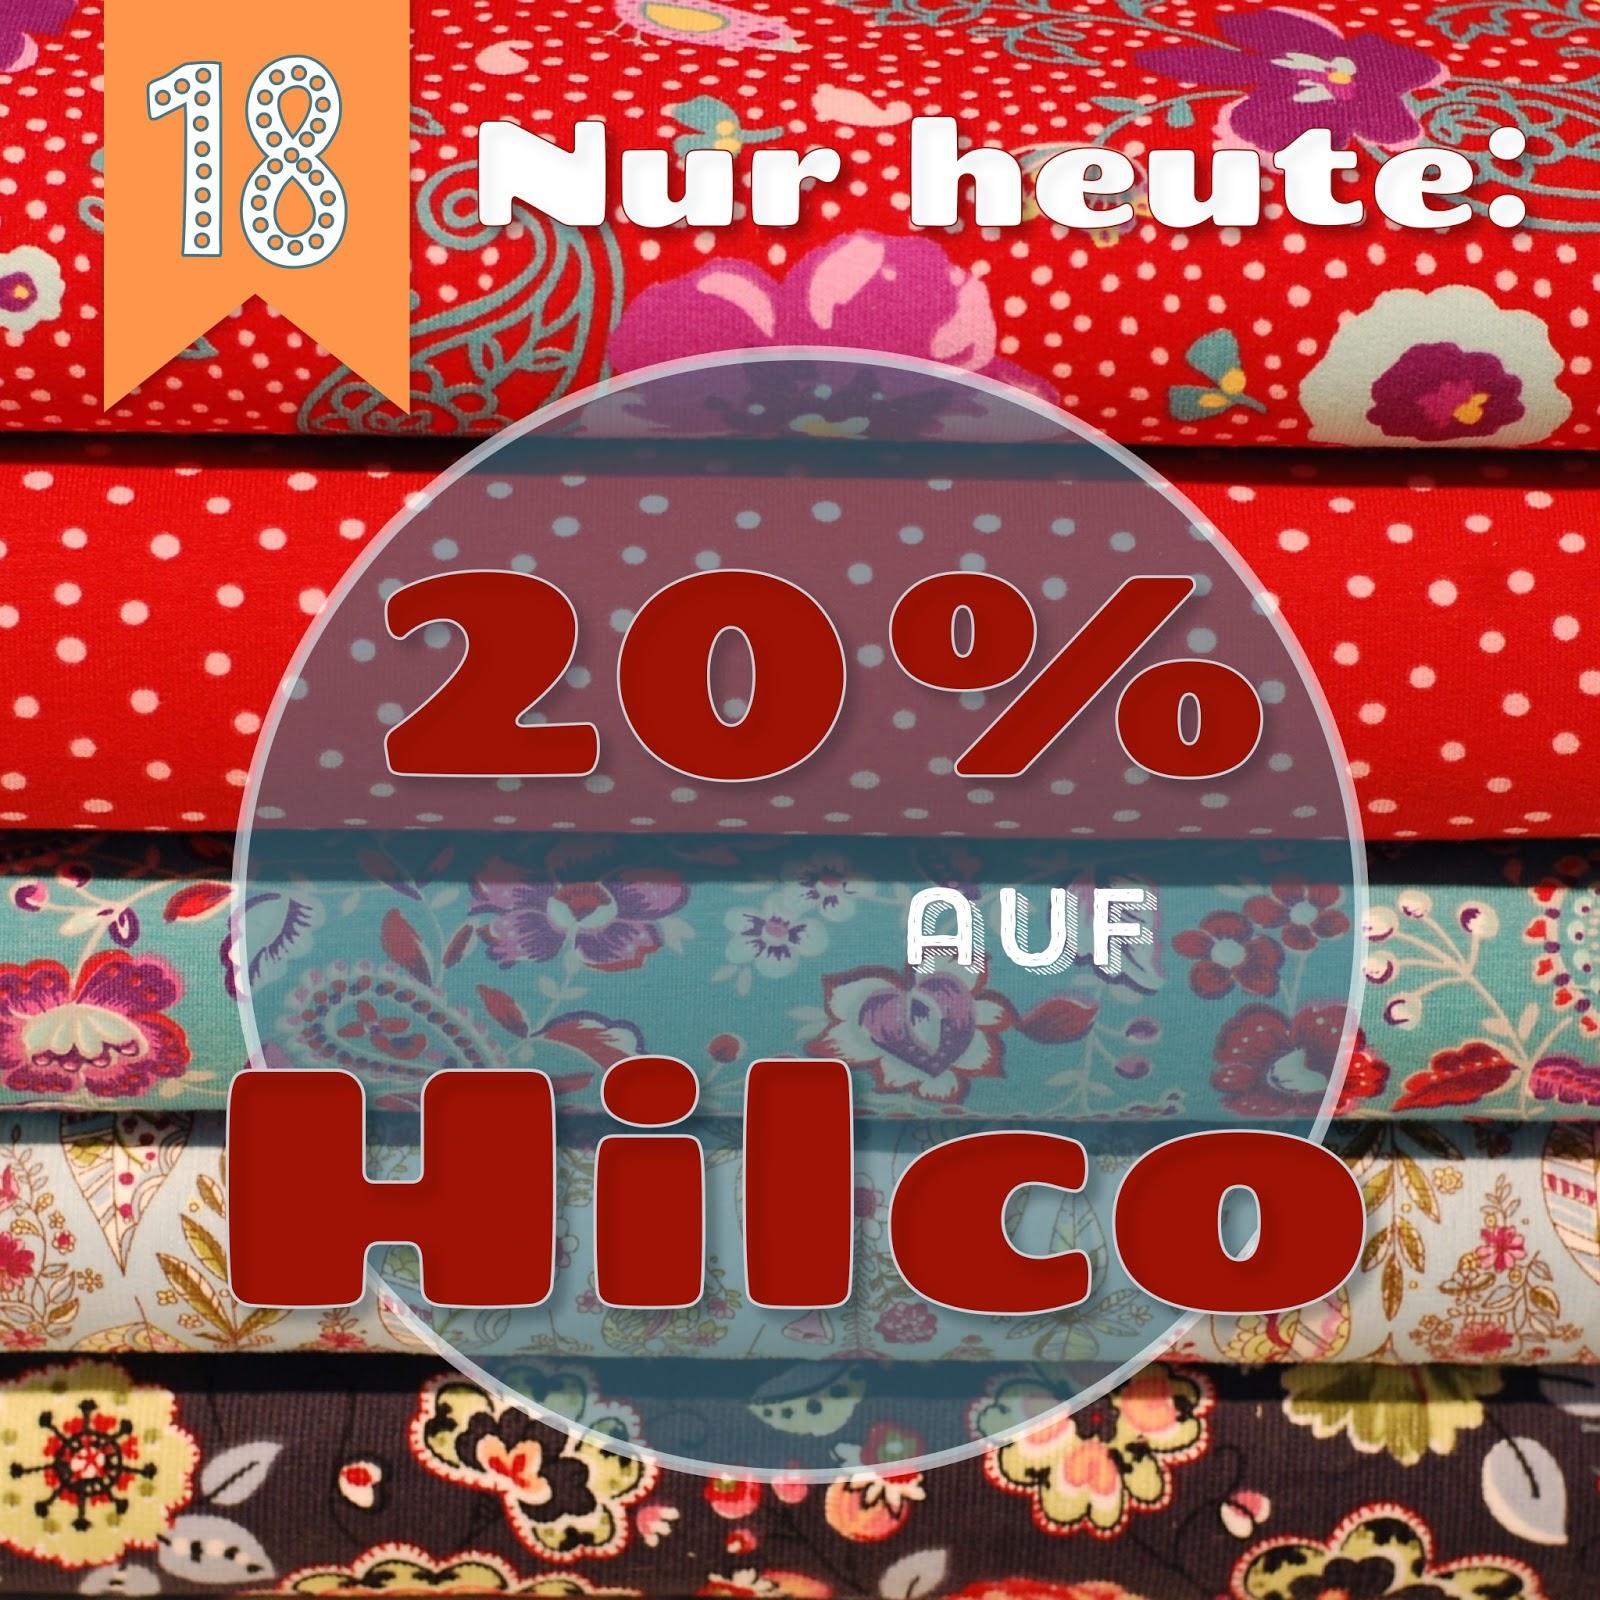 Türchen N°18 im Adventsmirakel: 20% Rabatt auf HILCO-Stoffe! 2